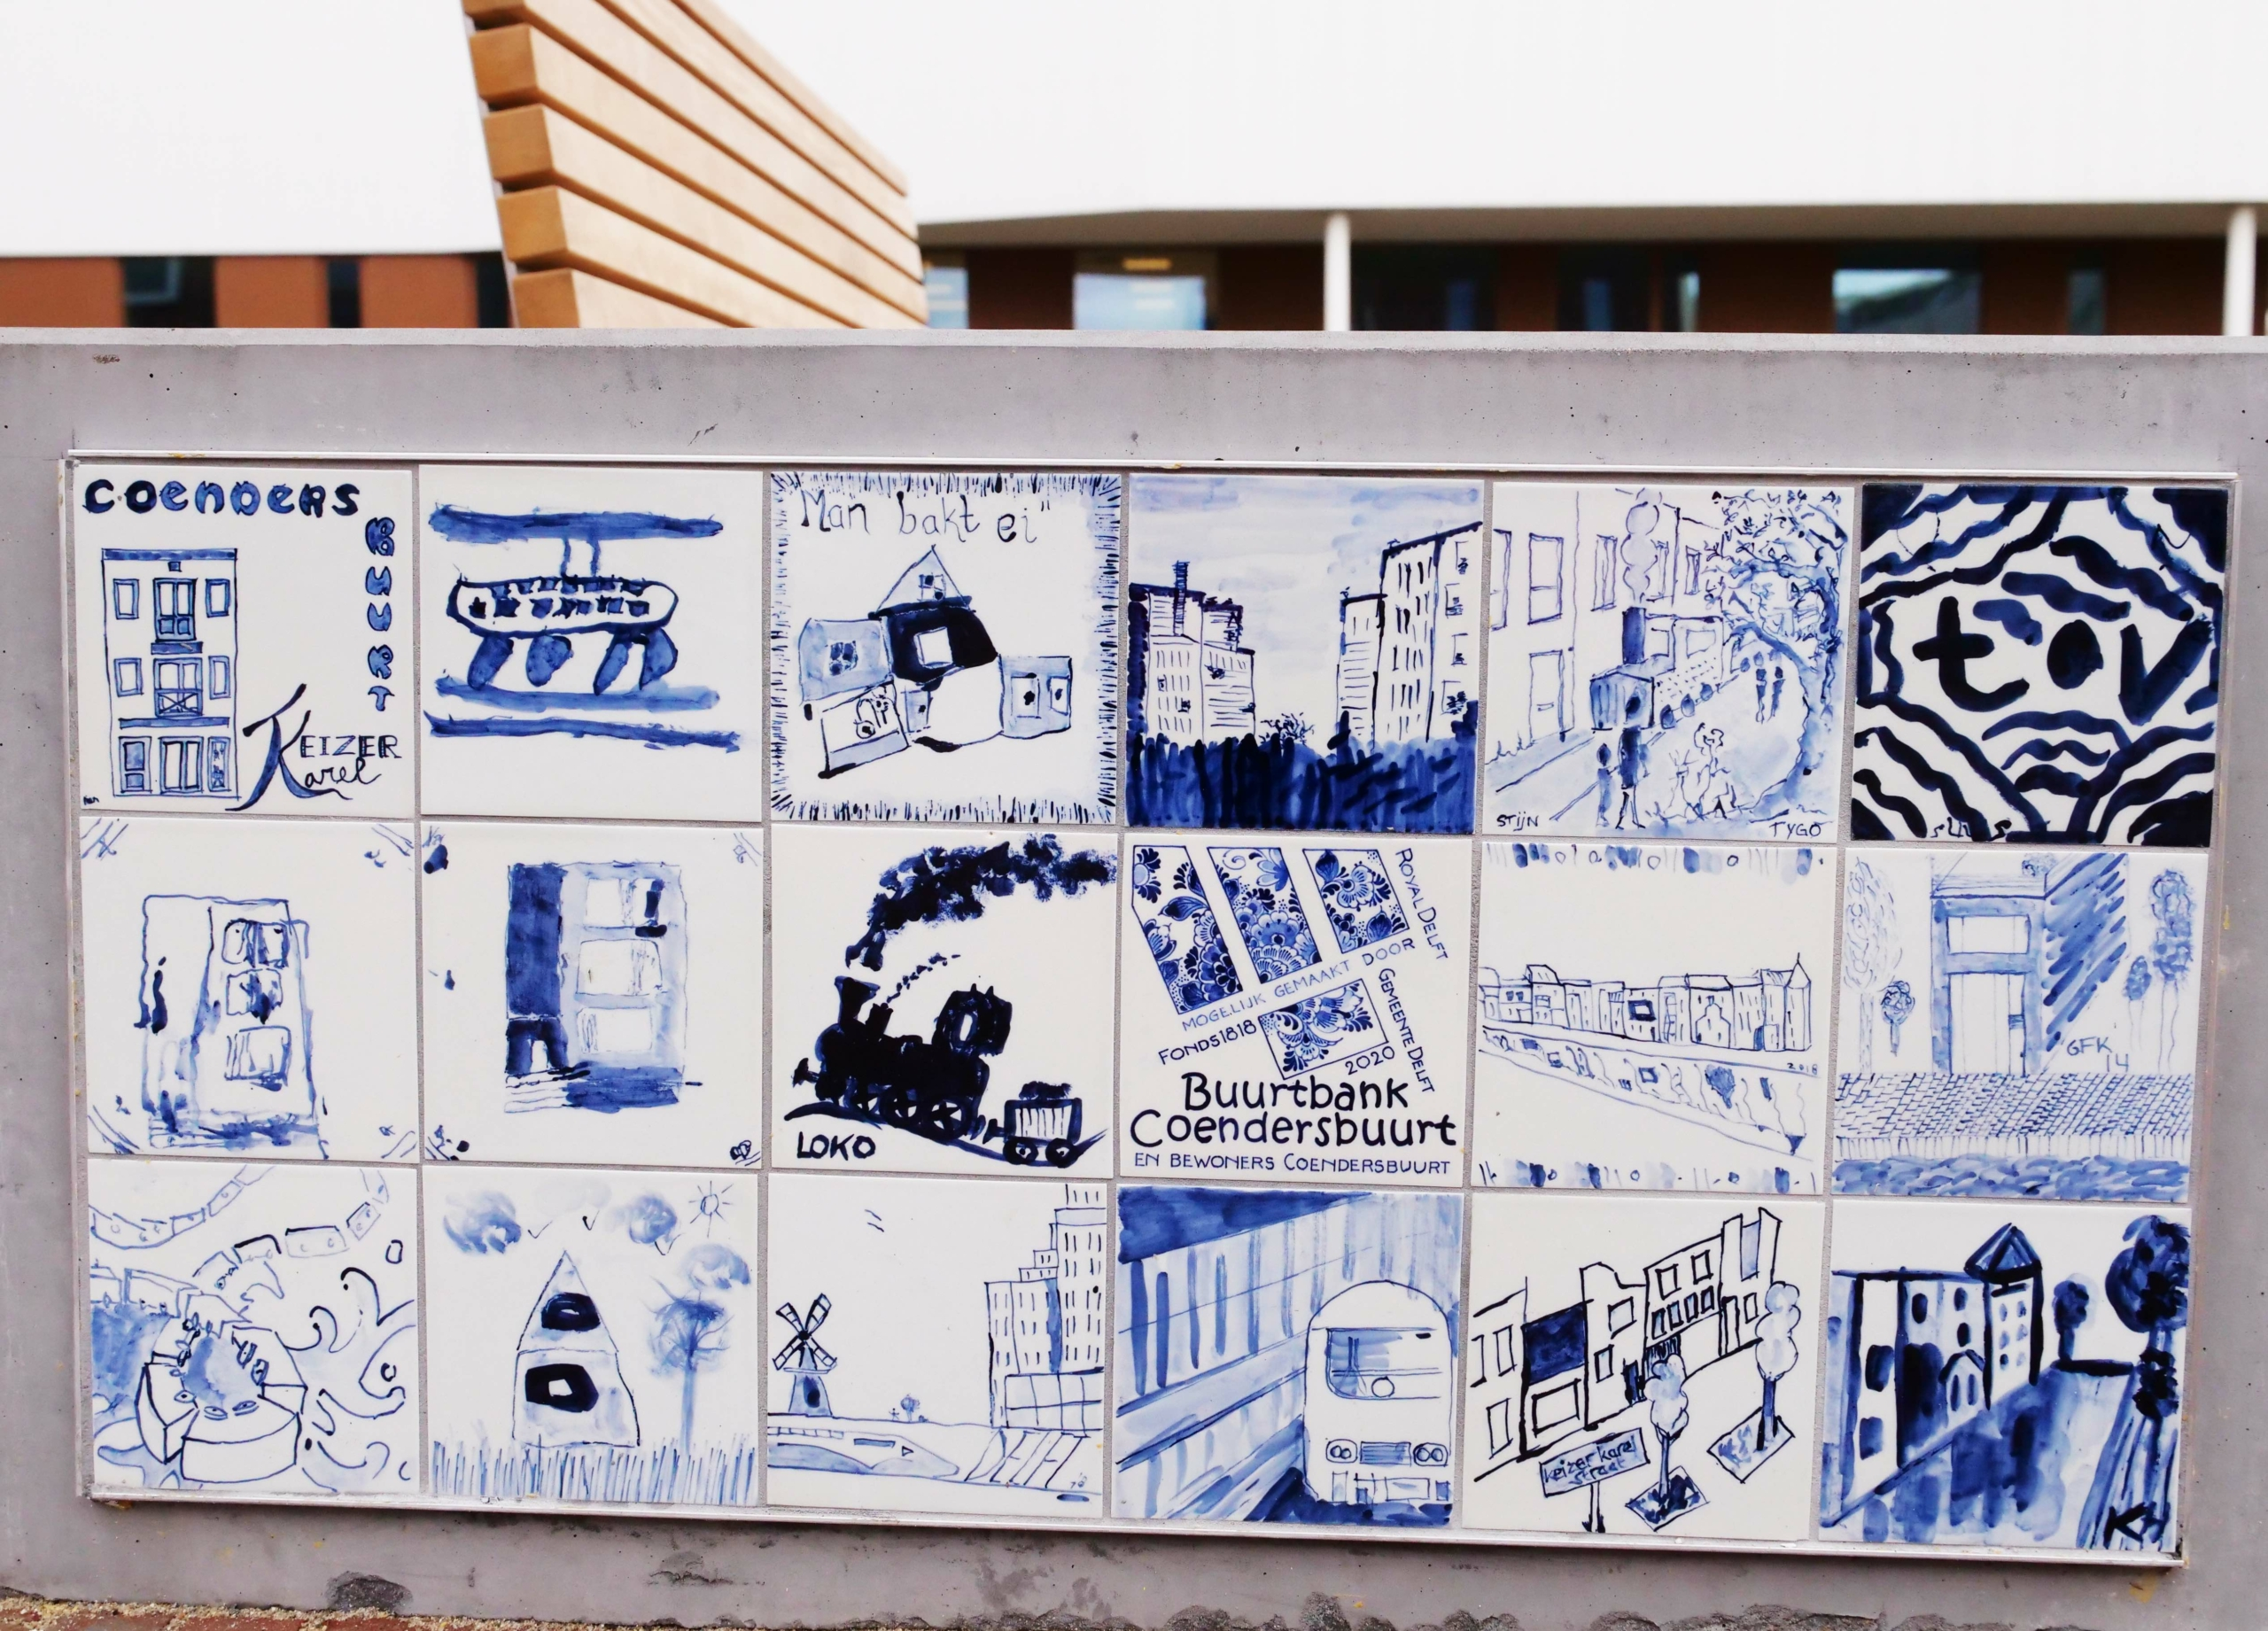 beschilderde delftsblauwe tegels op de buurtbank in de Coendersbuurt, met tekeningen van huizen en treinen.